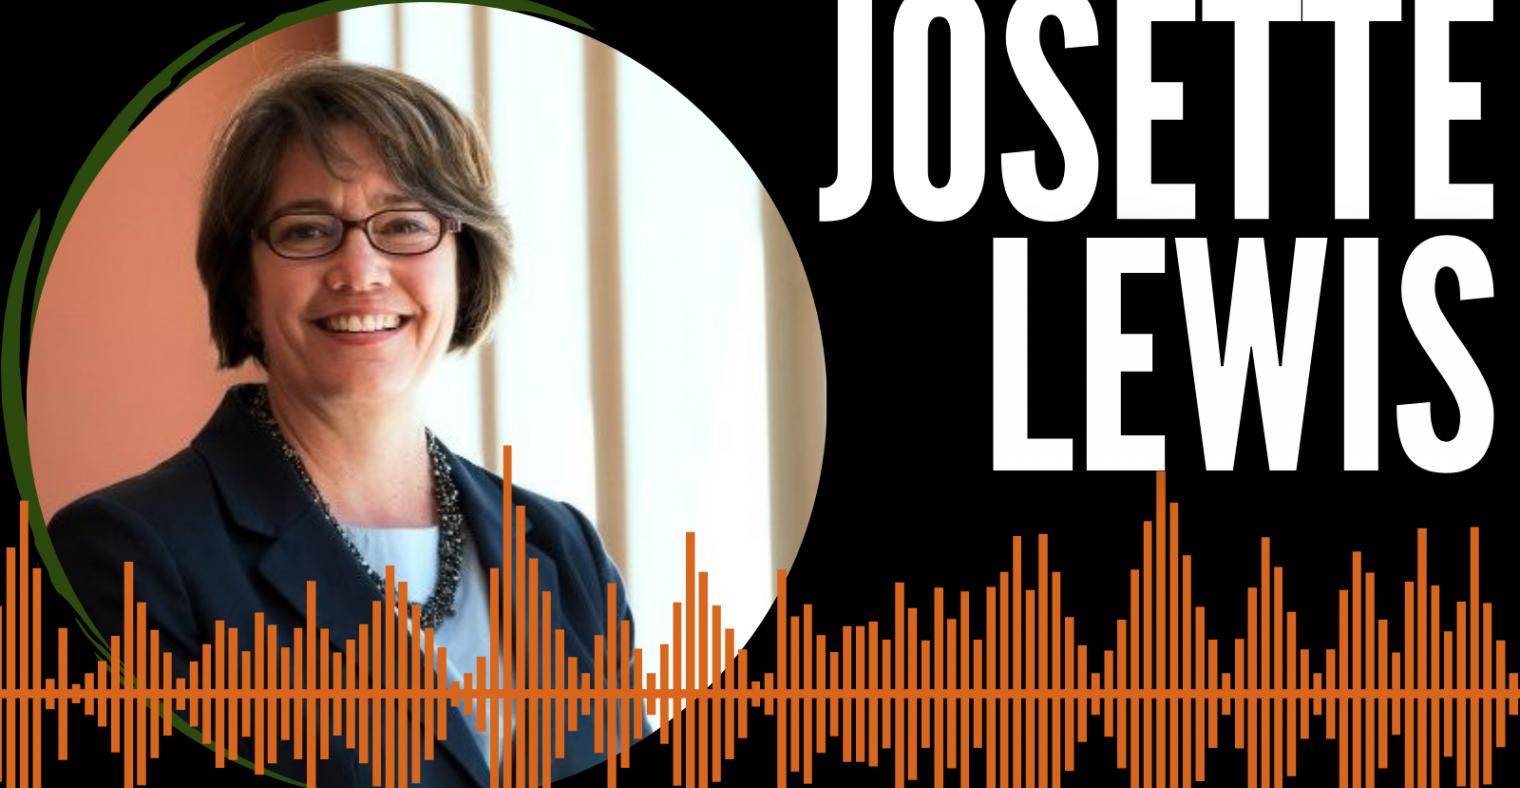 Josette Lewis